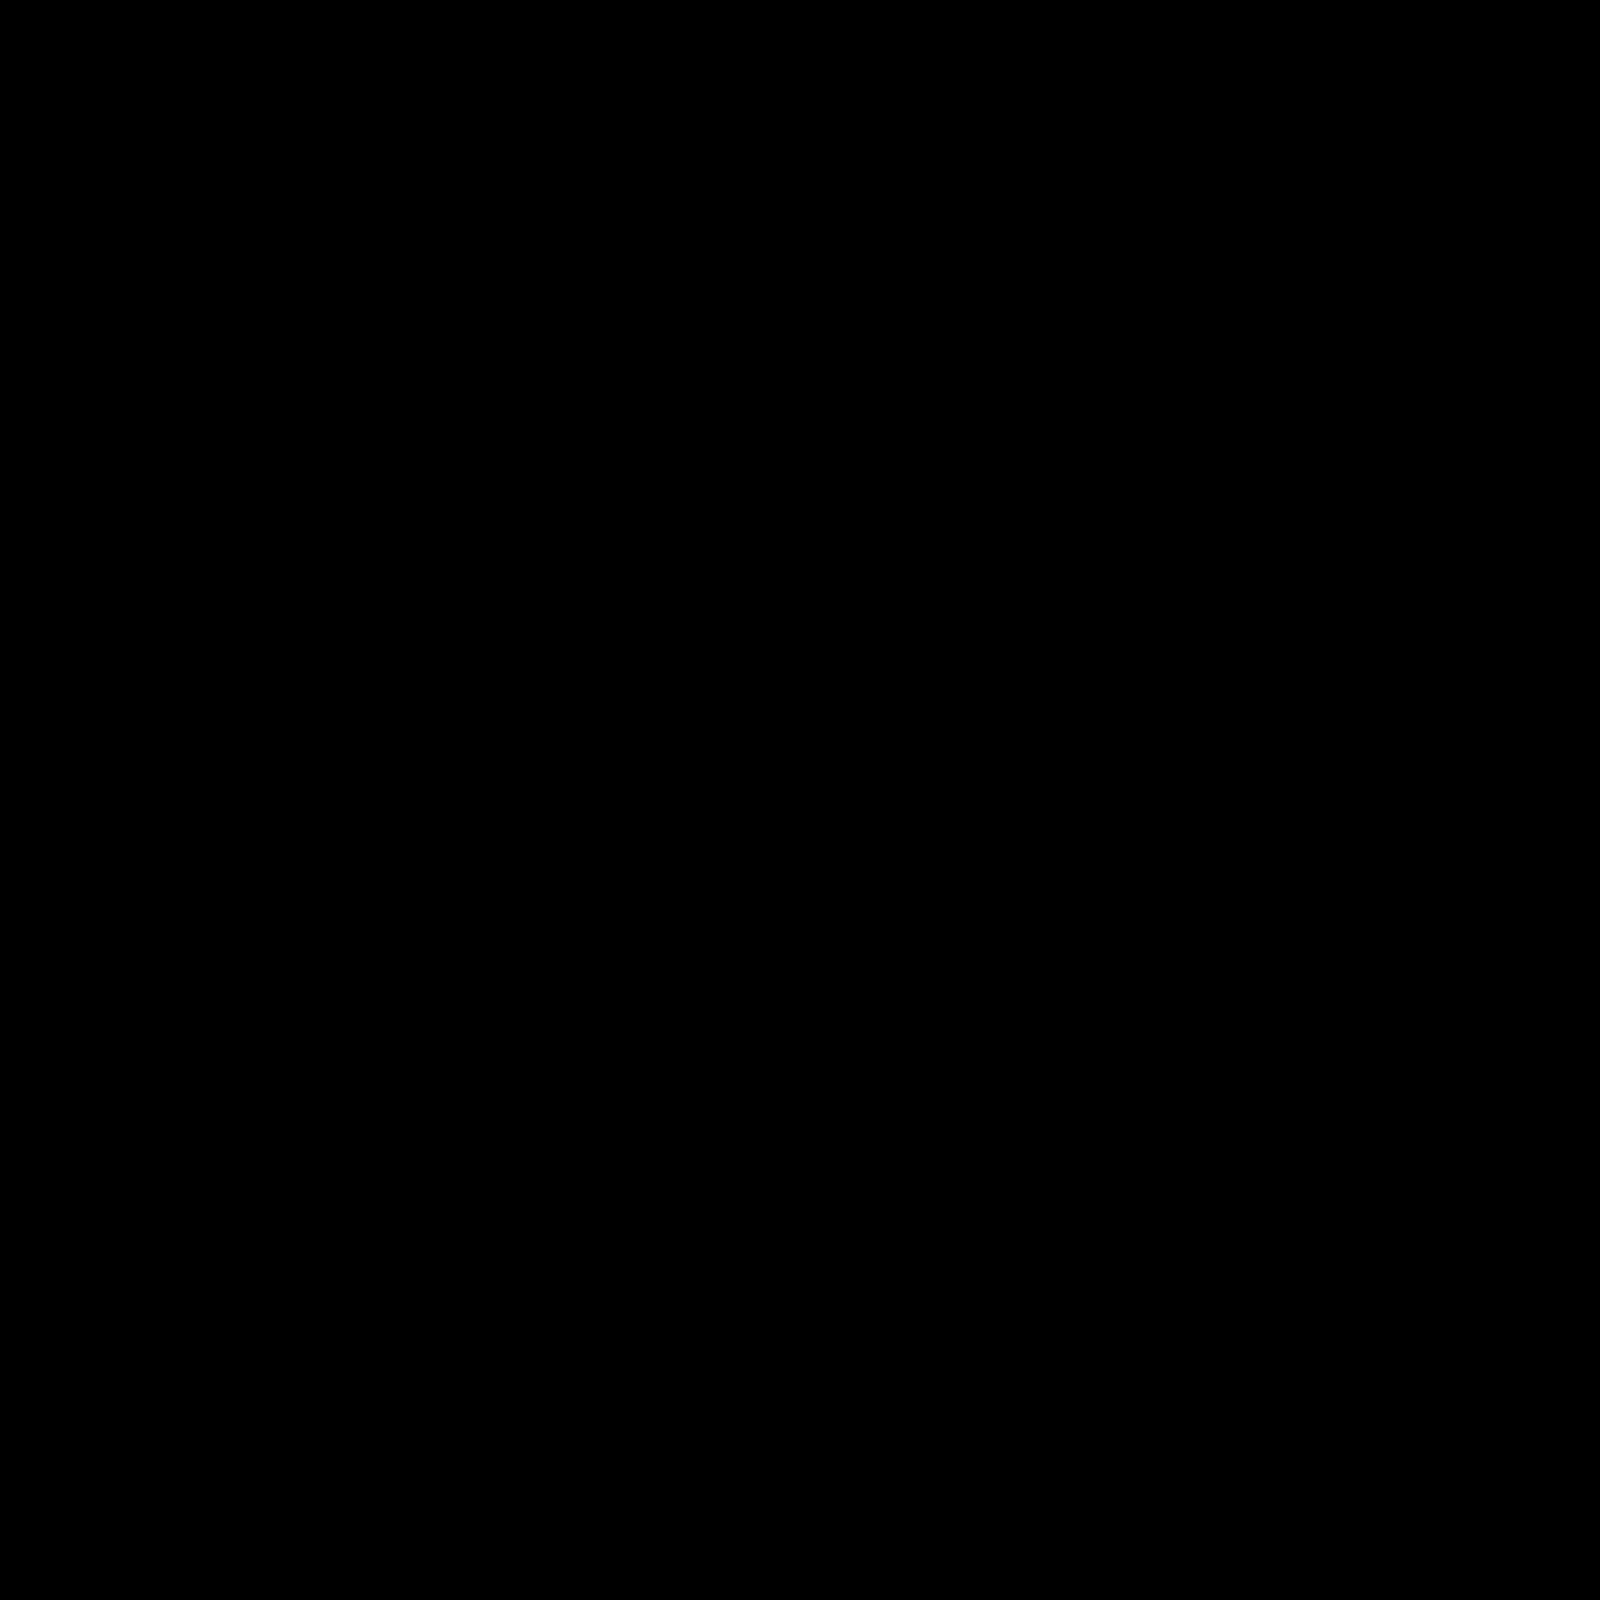 ロックの向き icon